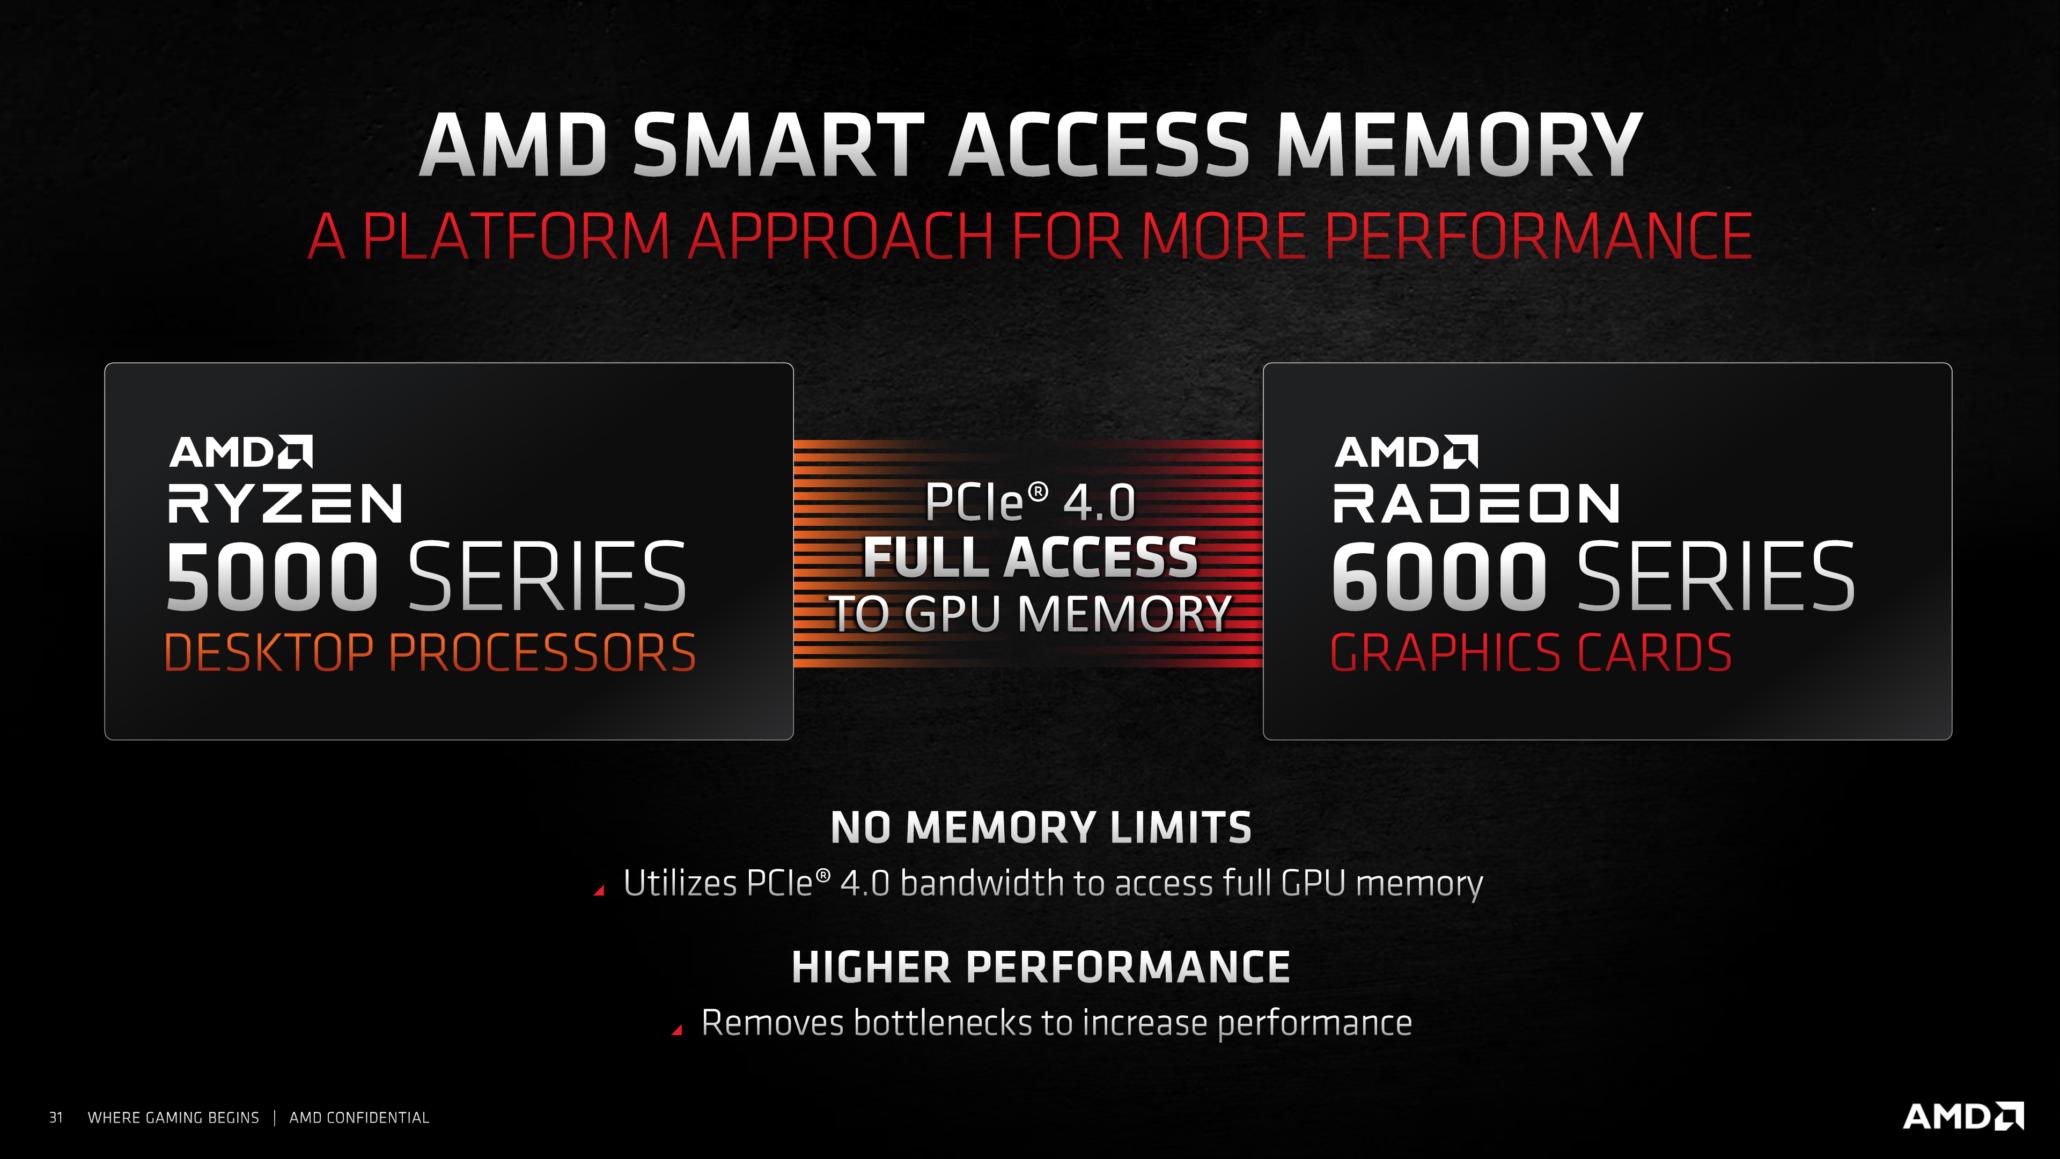 Semua MSI's X570, B550 & A520 Motherboards Mendukung AMD's Smart Access Memory Feature